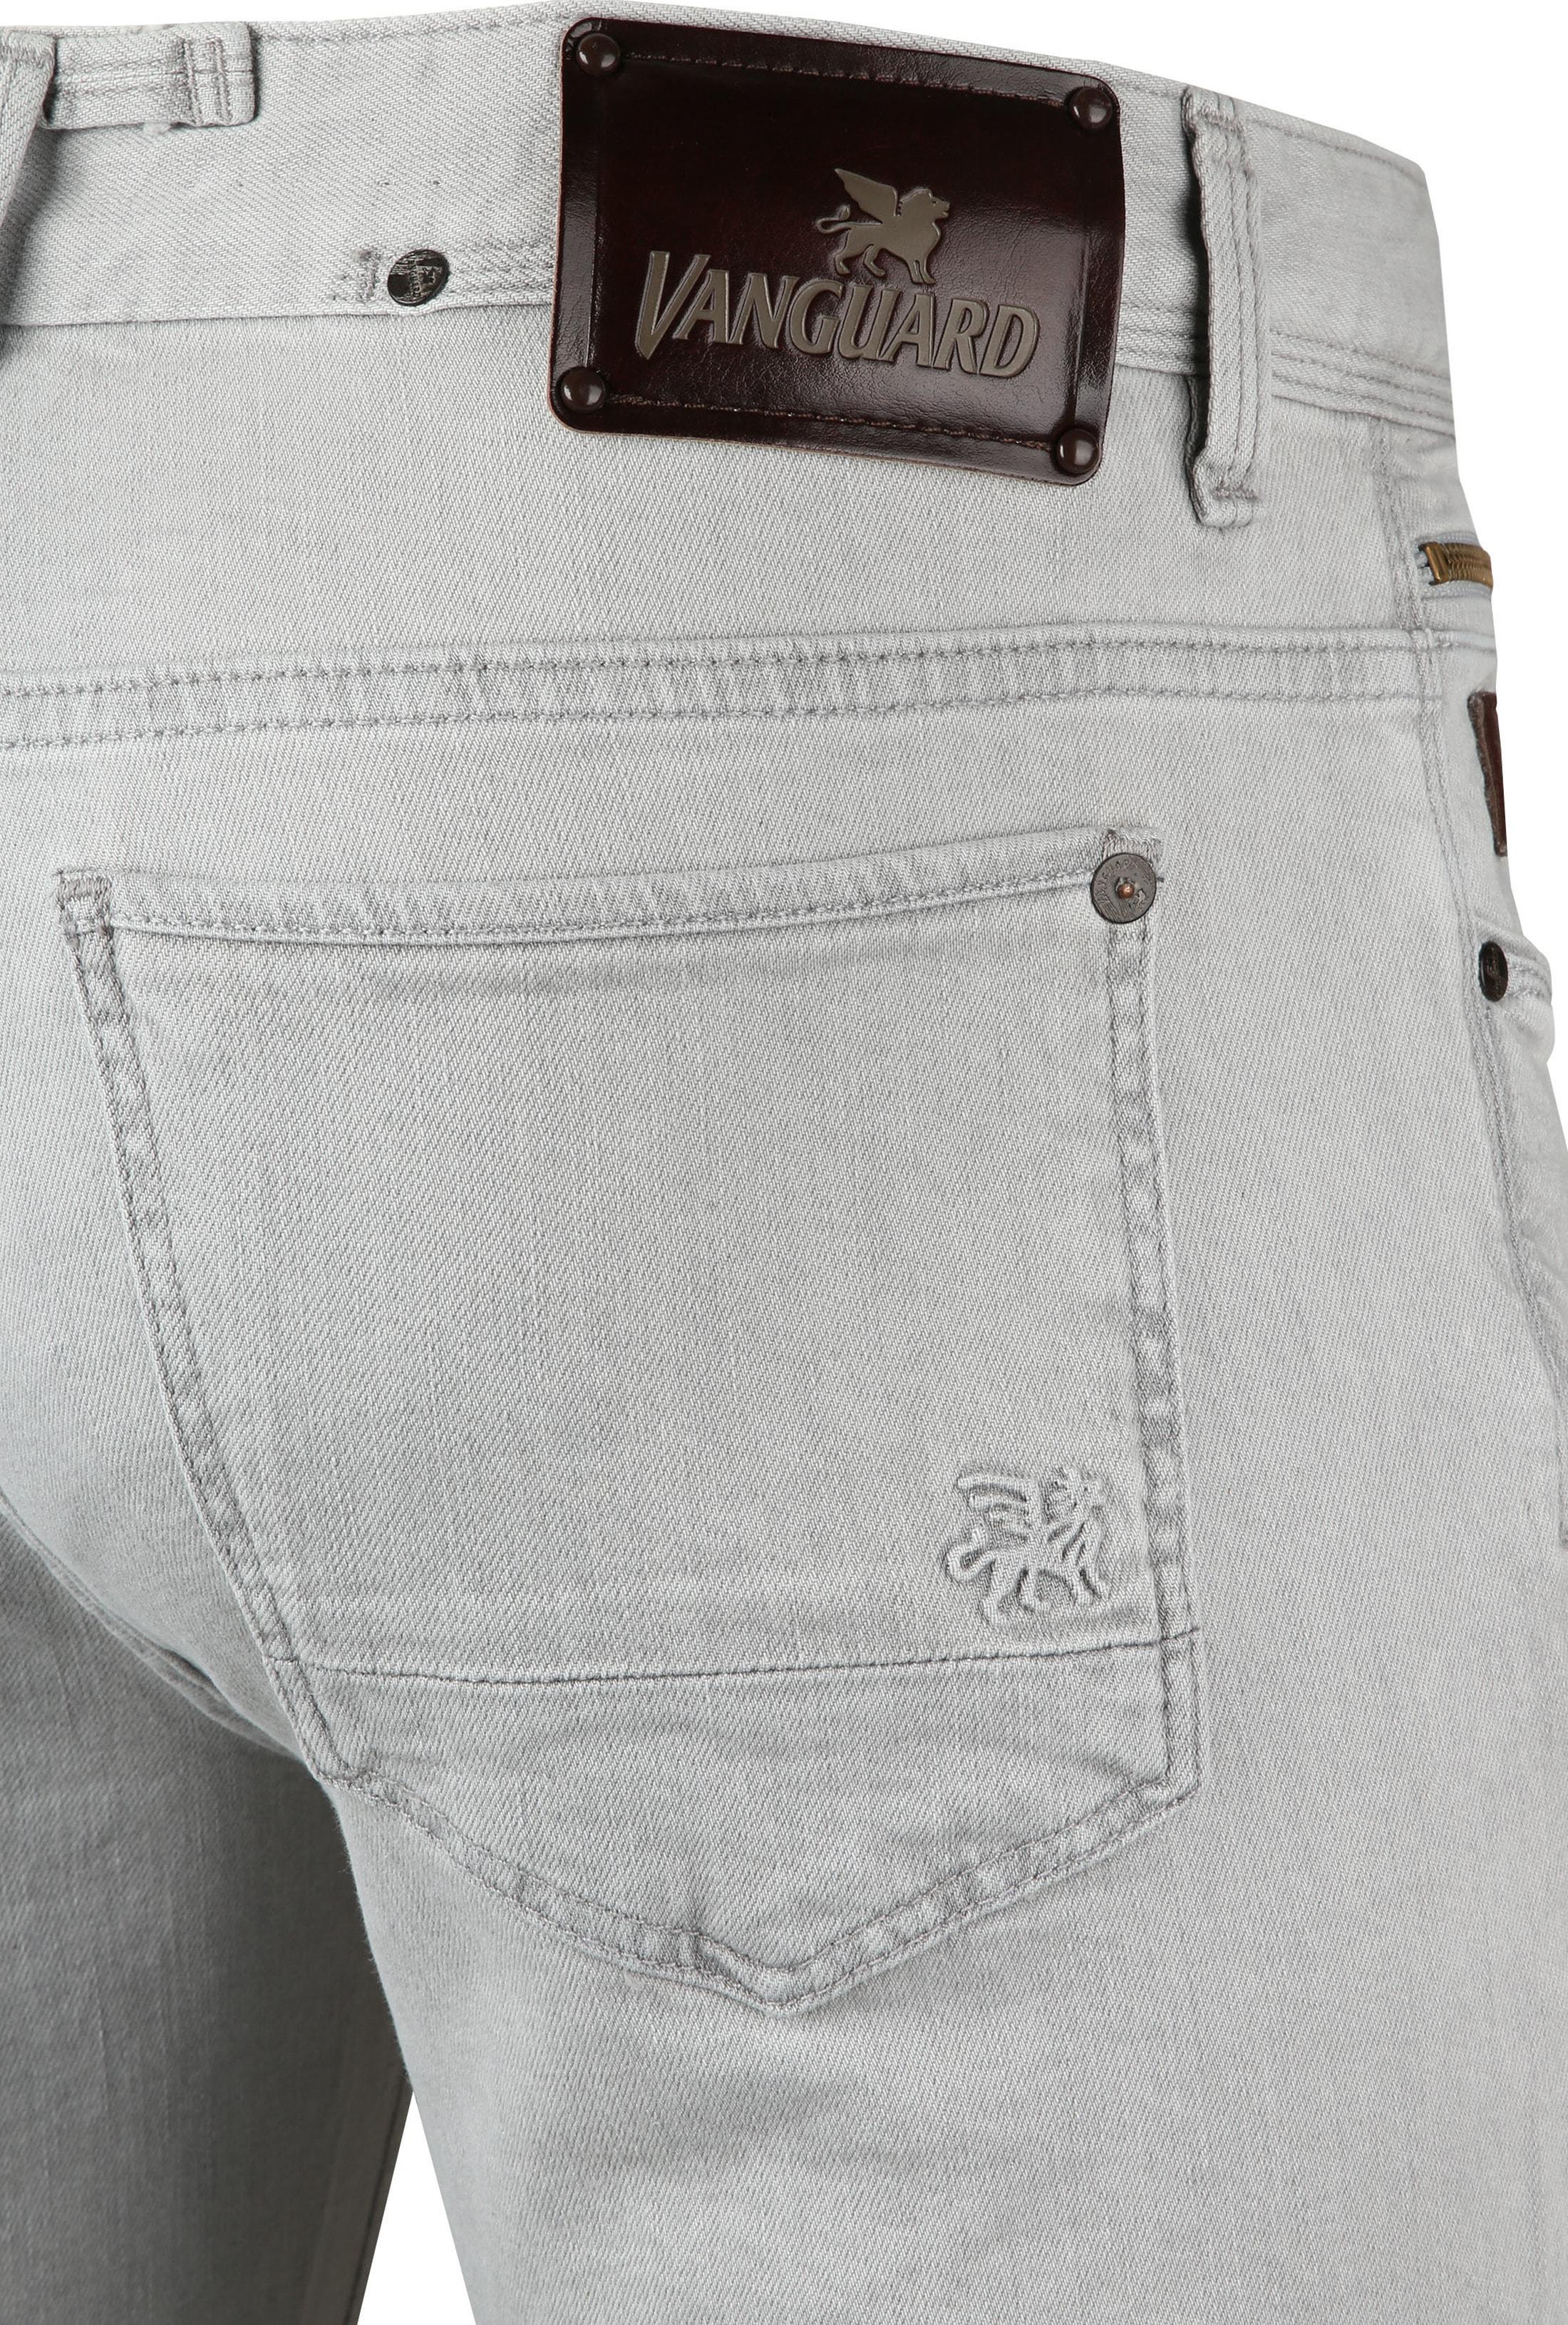 Vanguard V850 Rider Jeans Grijs foto 1